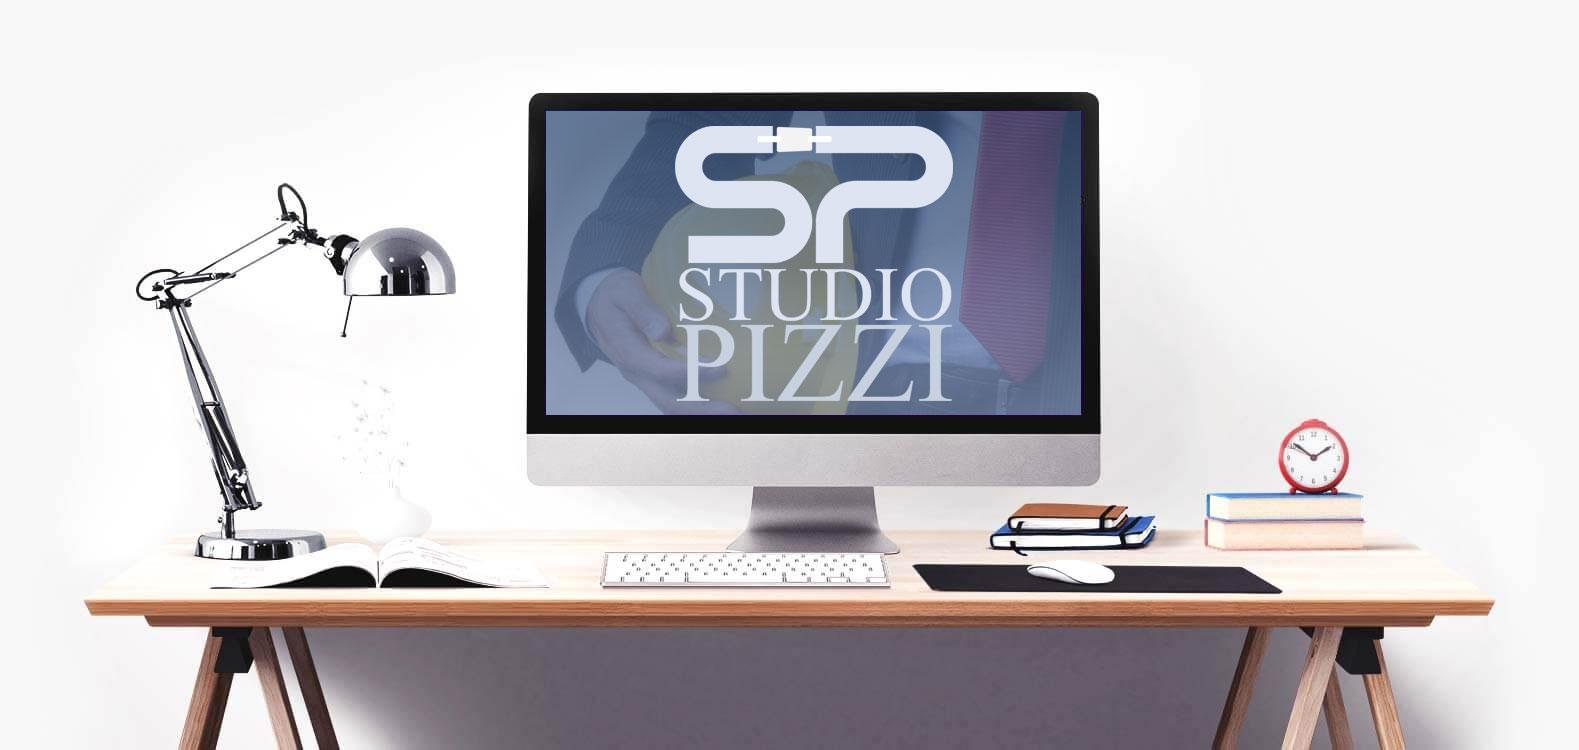 Studio PIZZI